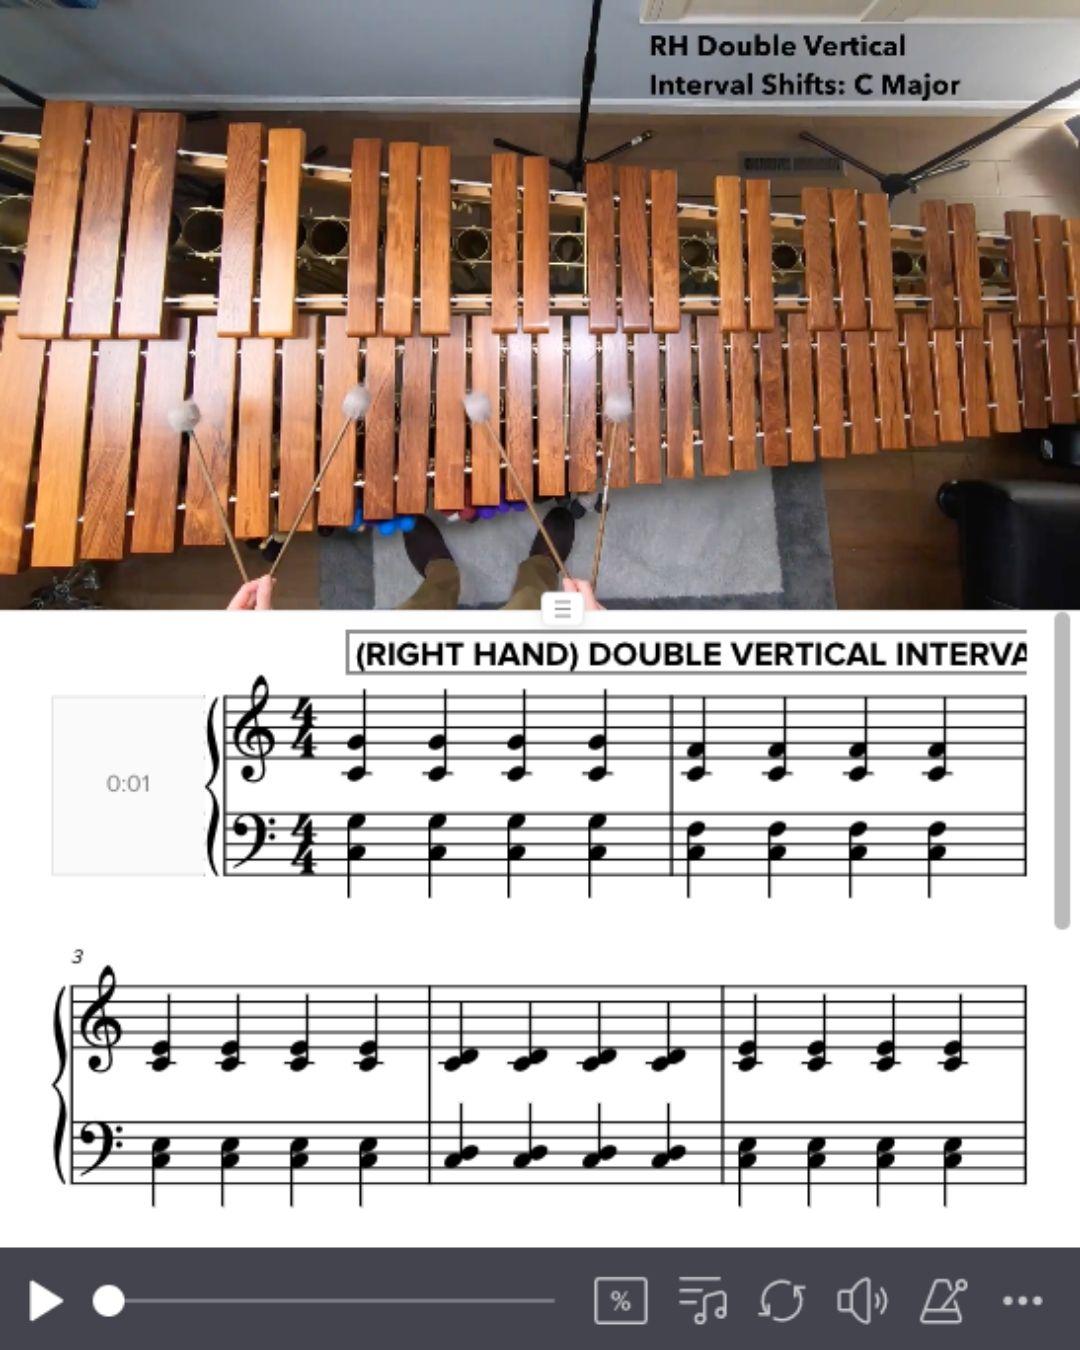 RH DV Interval Shifts